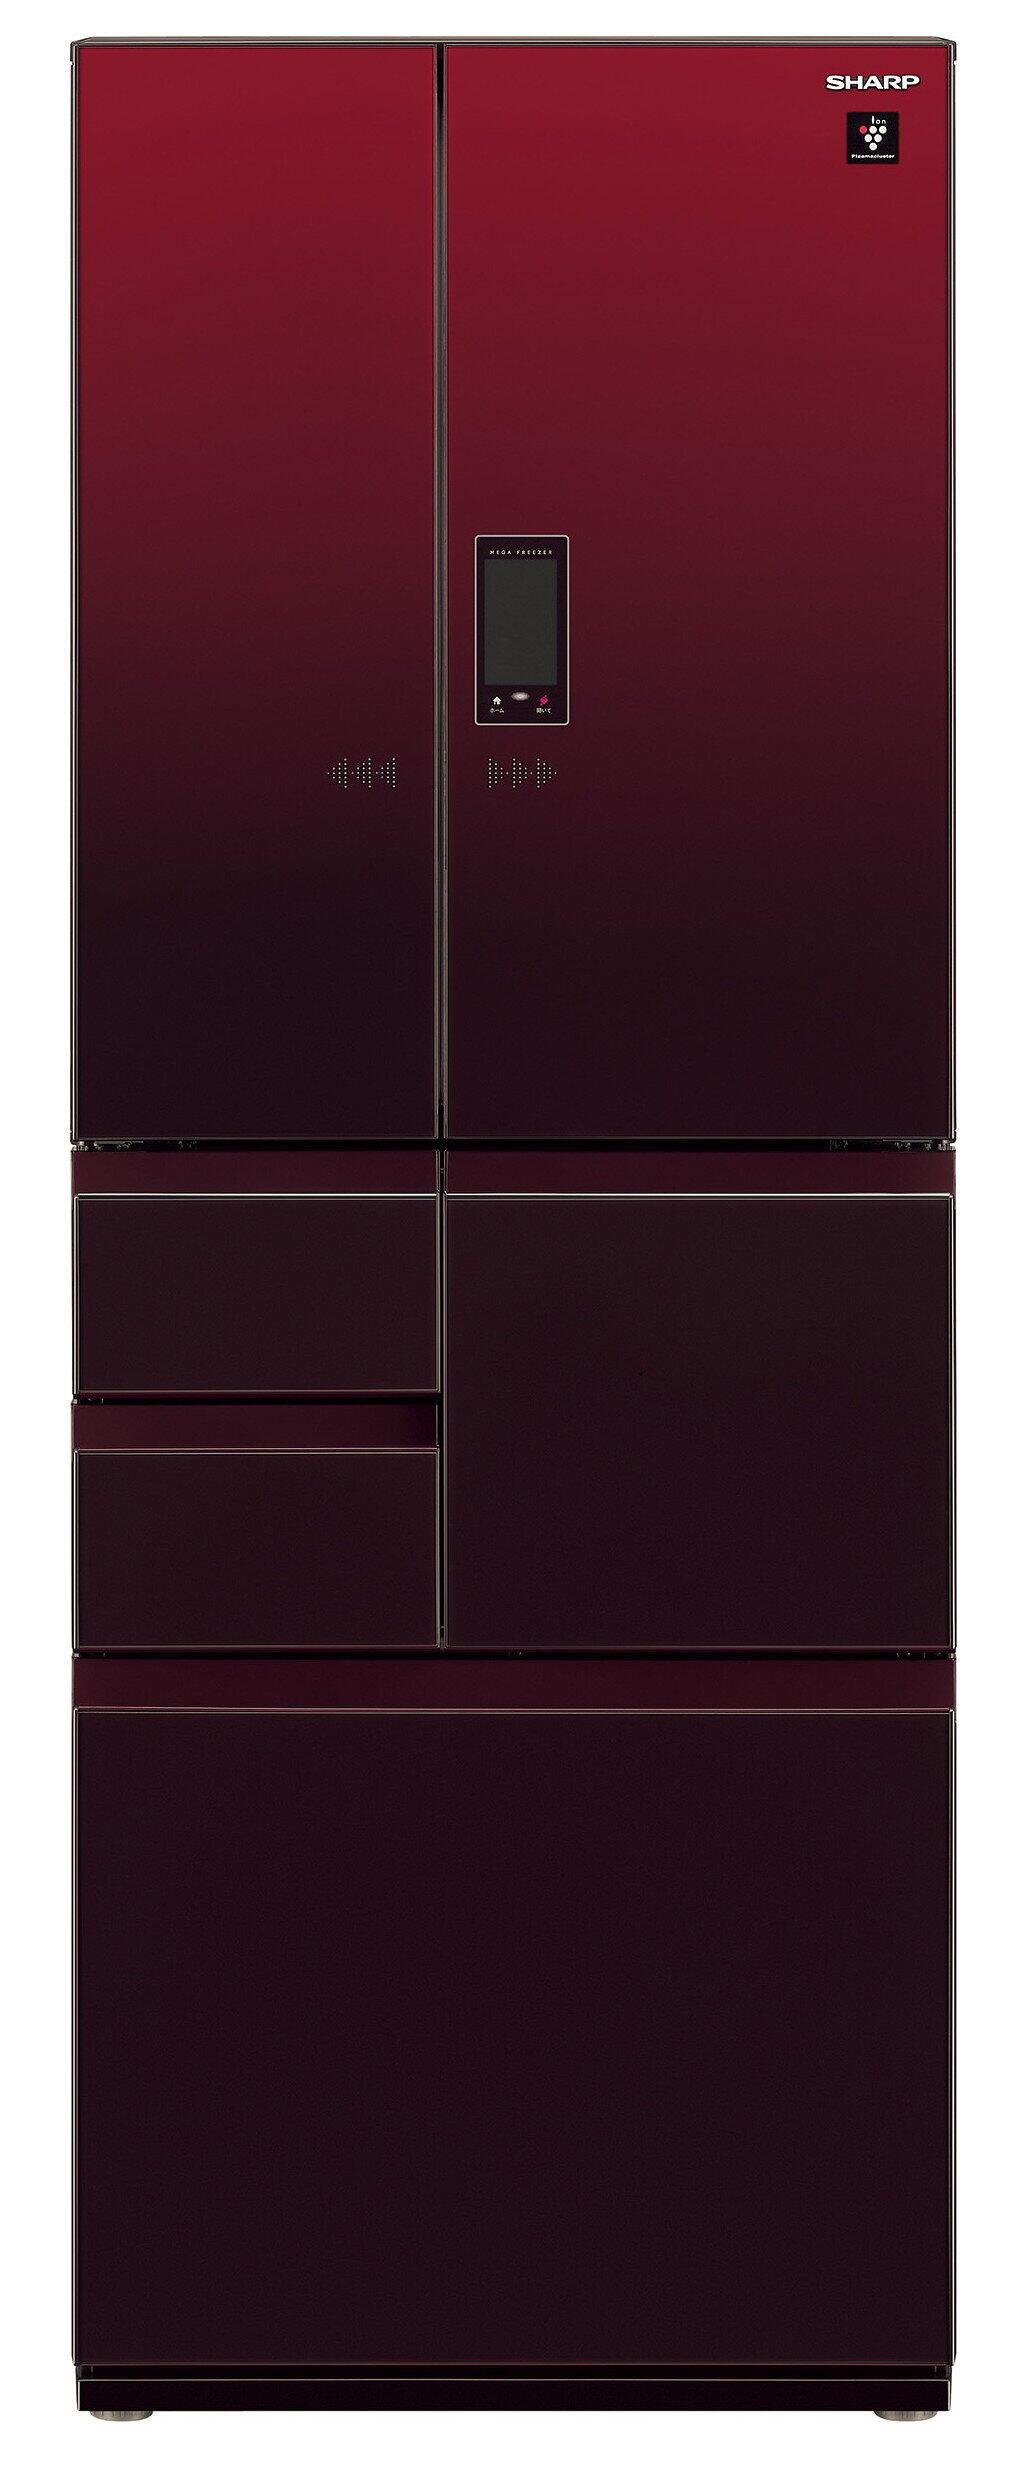 シャープ「プラズマクラスター冷蔵庫」 「AIoT」利用可能なサービスに対応